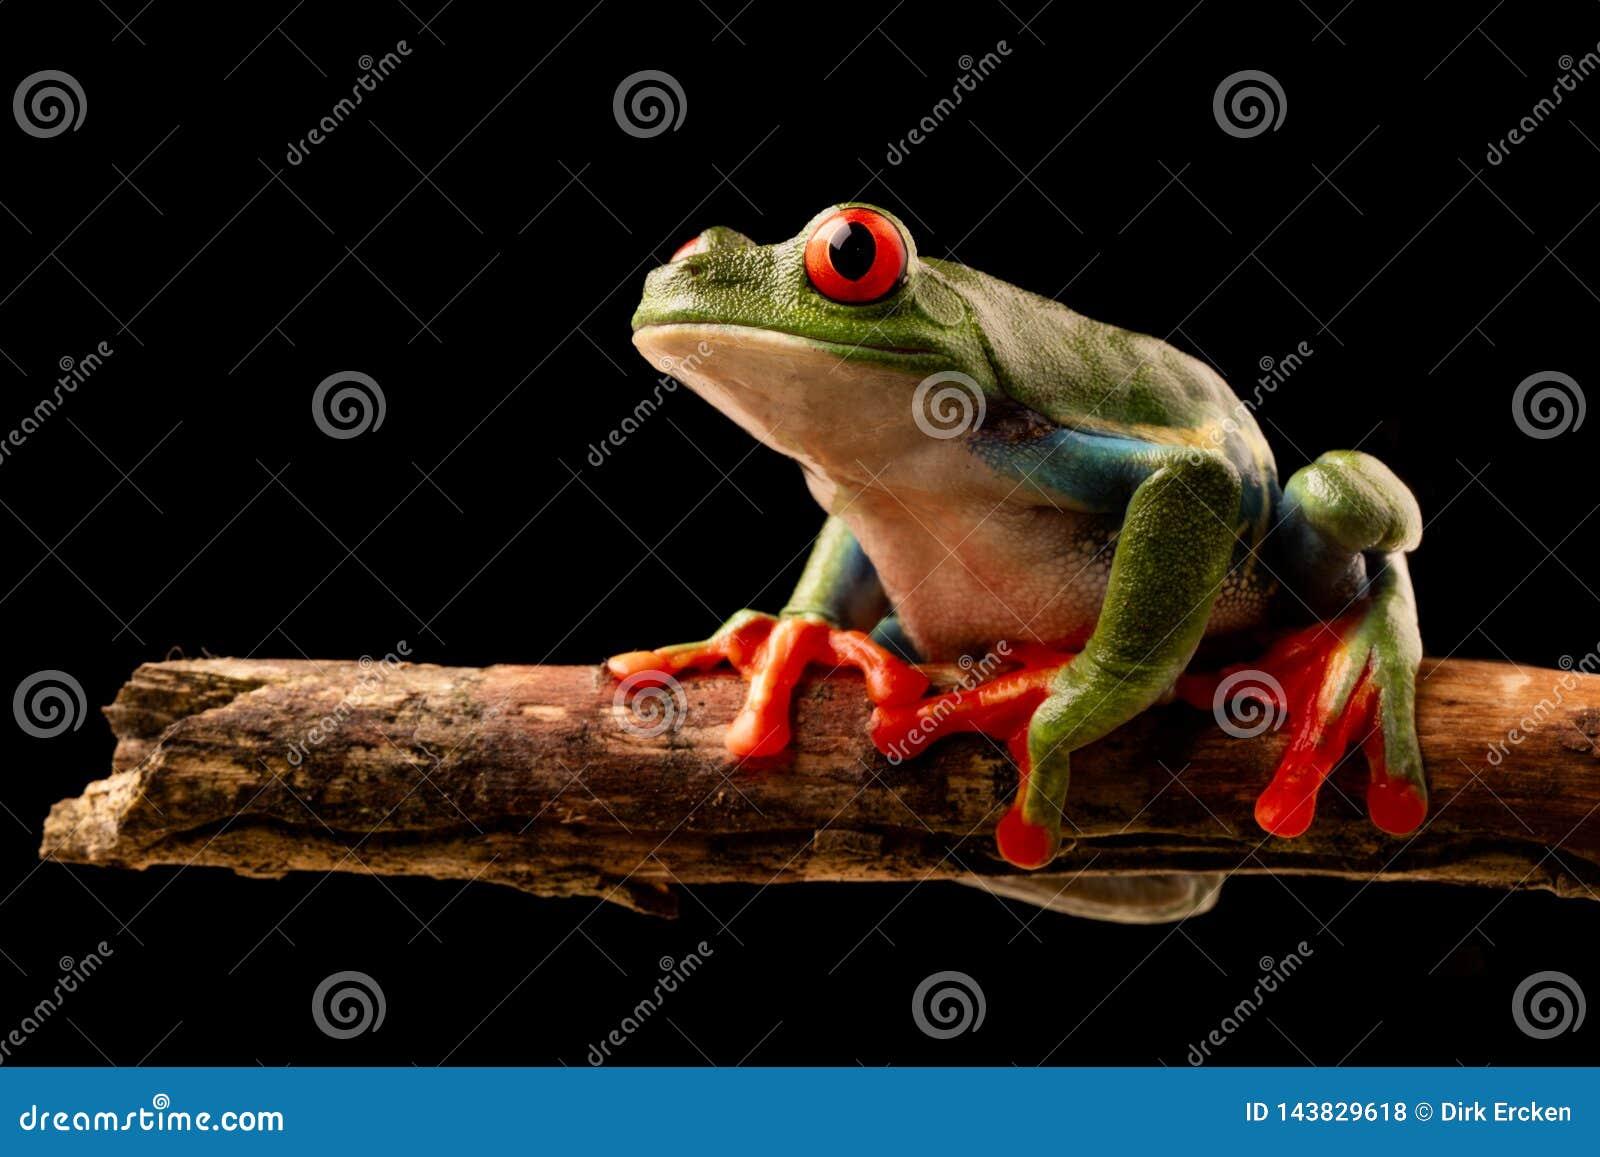 红眼睛的雨蛙在一根枝杈的晚上在哥斯达黎加的雨林里